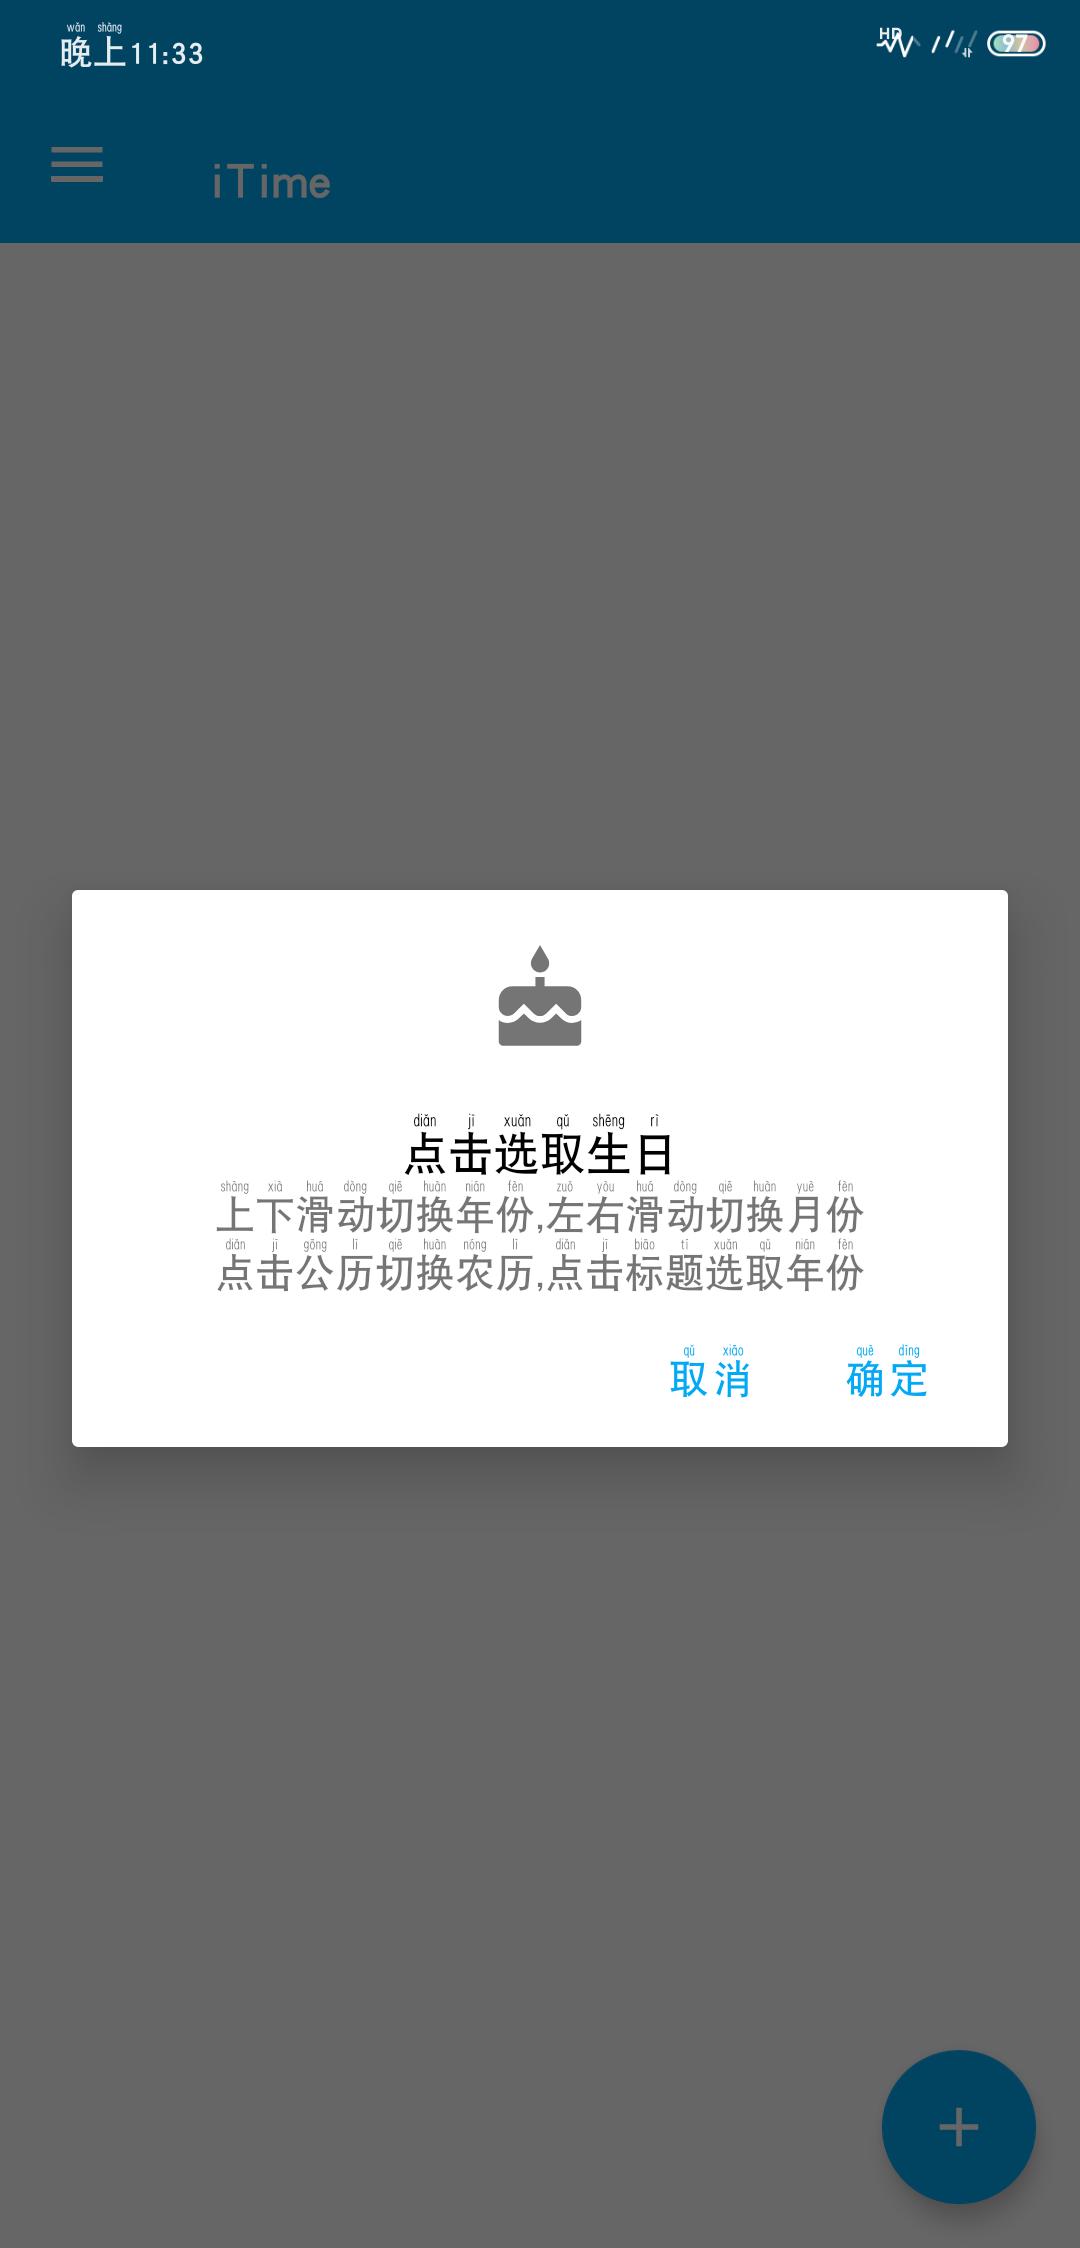 【分享】iTime 是一款倒计时应用,桌面部件样式精美-爱小助